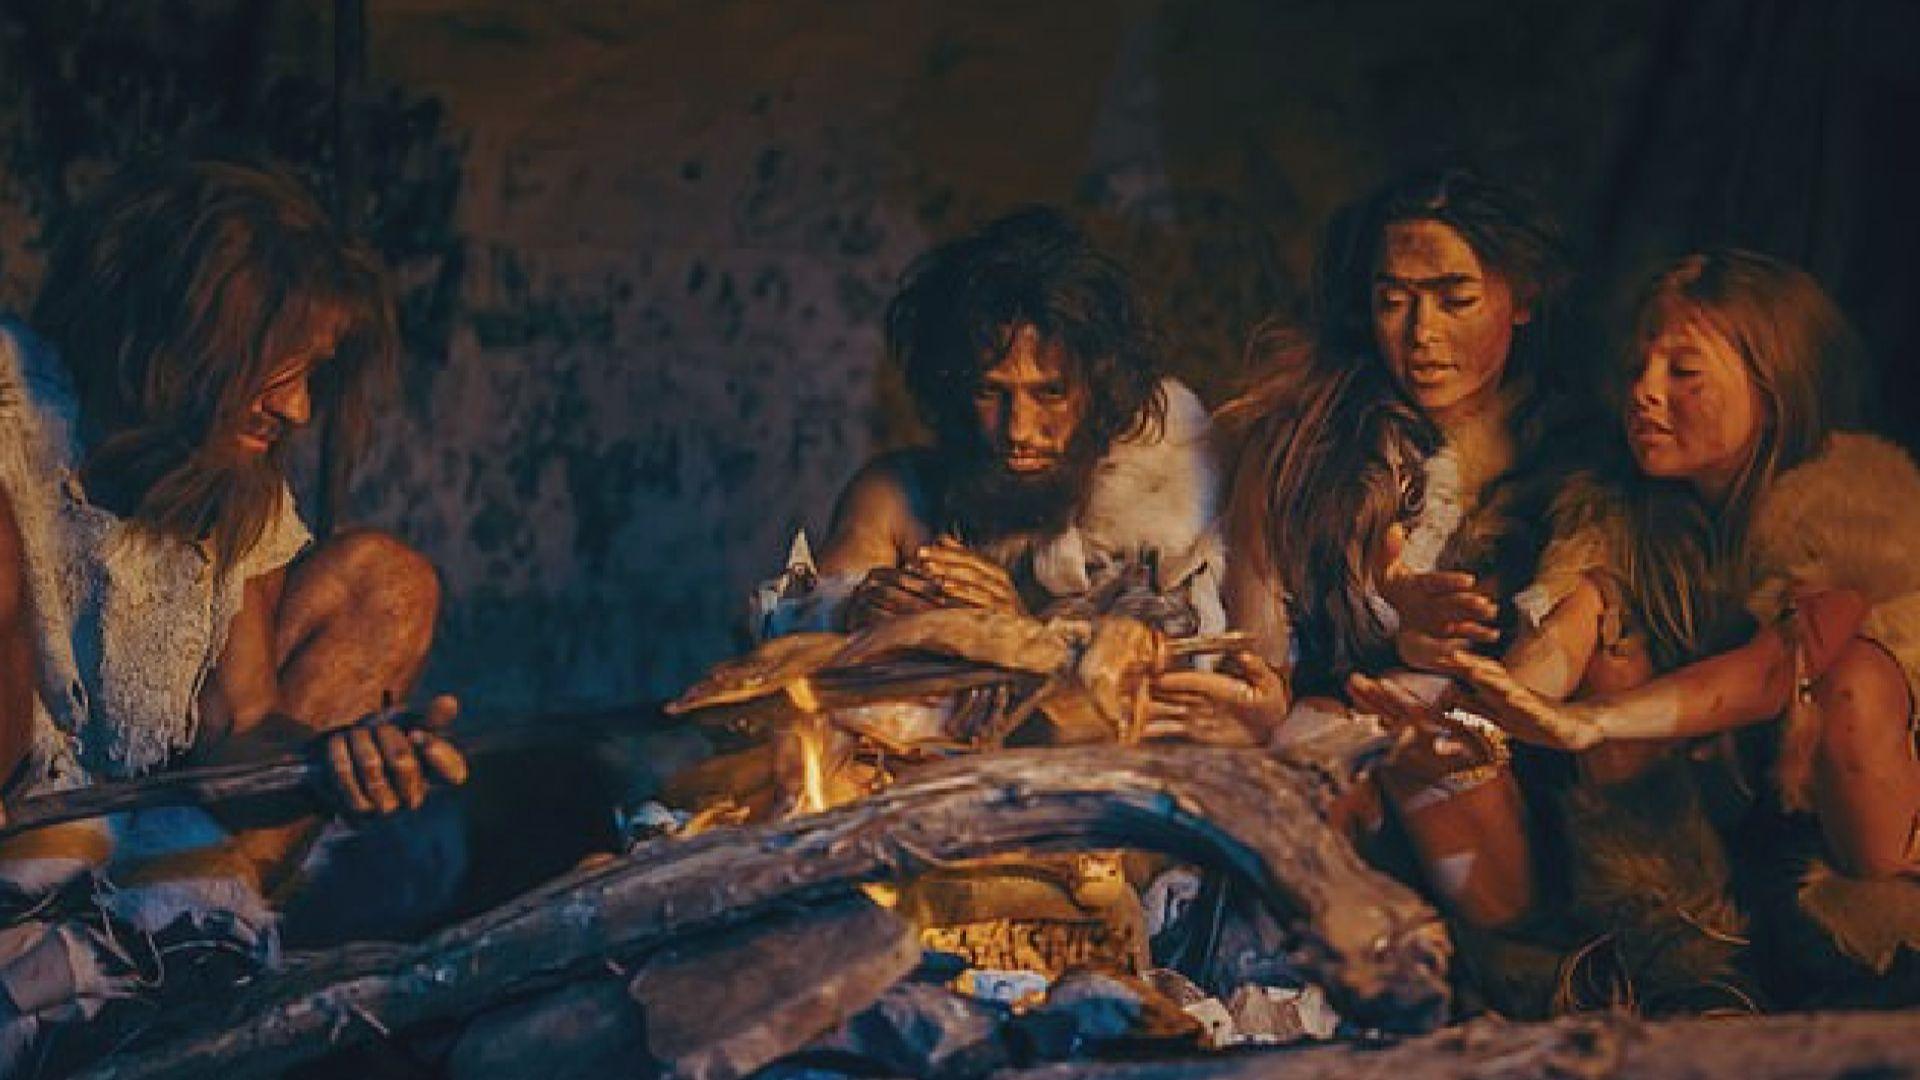 【環球薈報】研究發現早期人類或會以冬眠度過嚴寒天氣